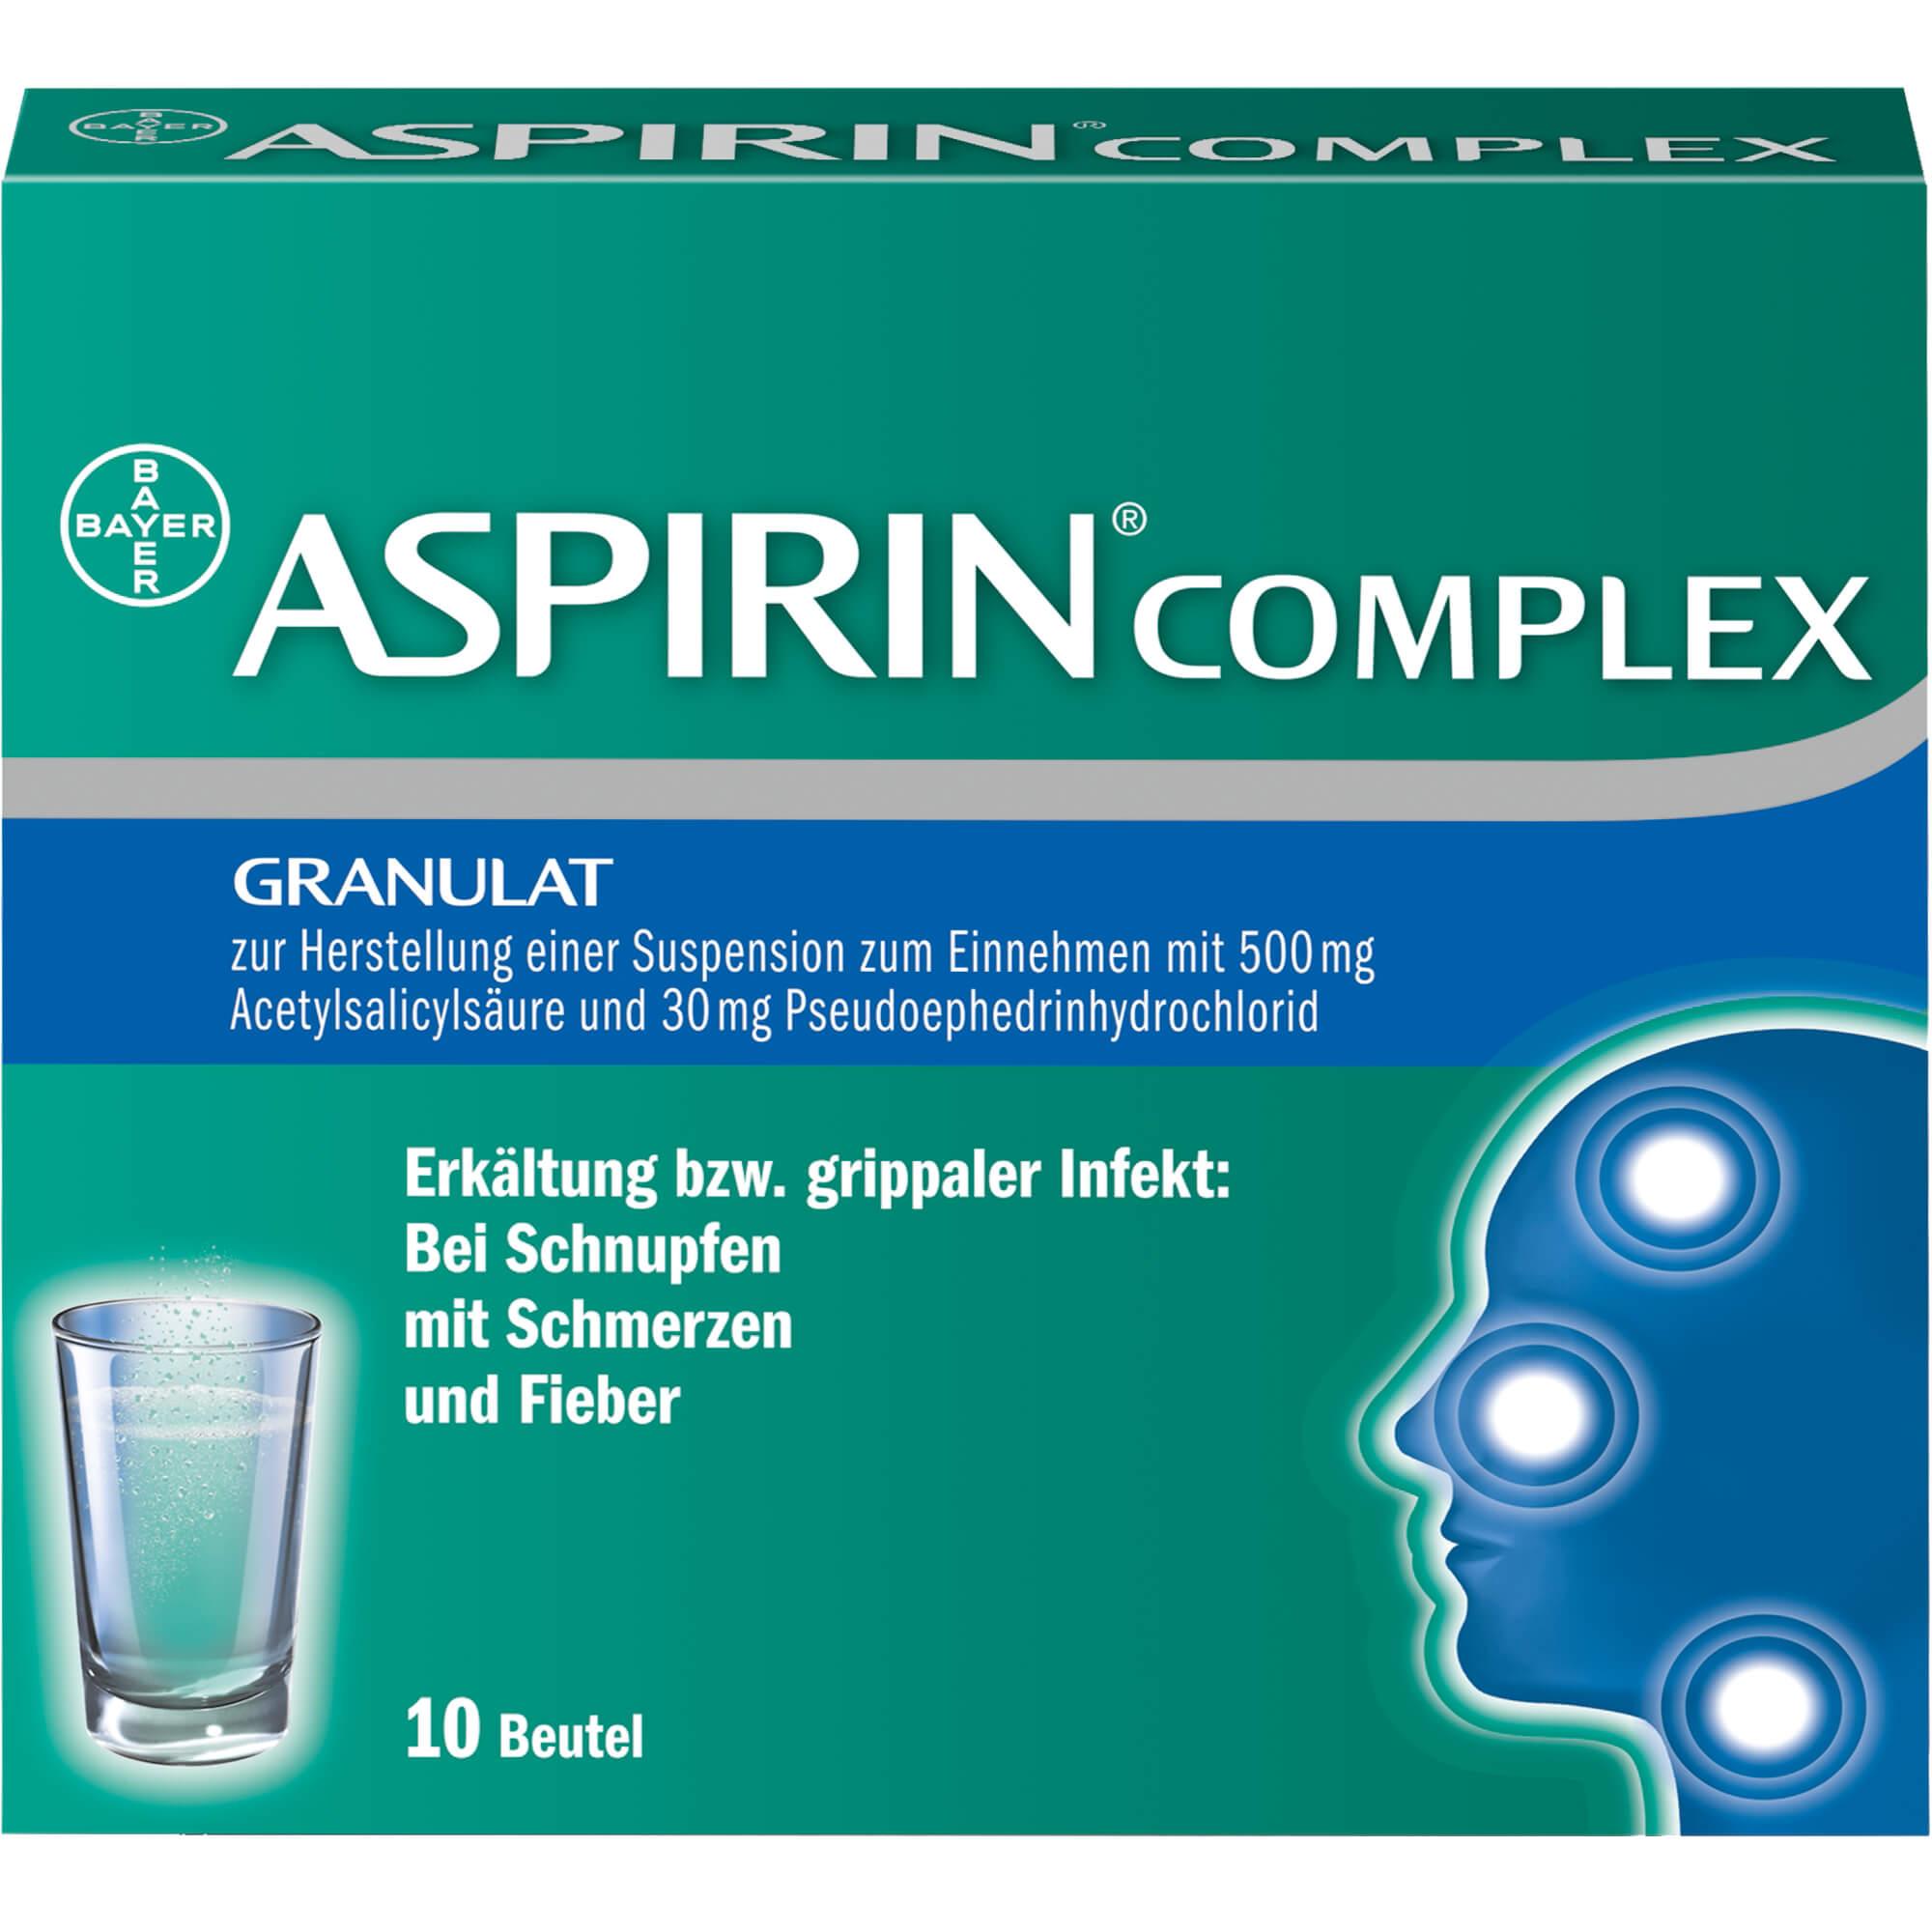 ASPIRIN-COMPLEX